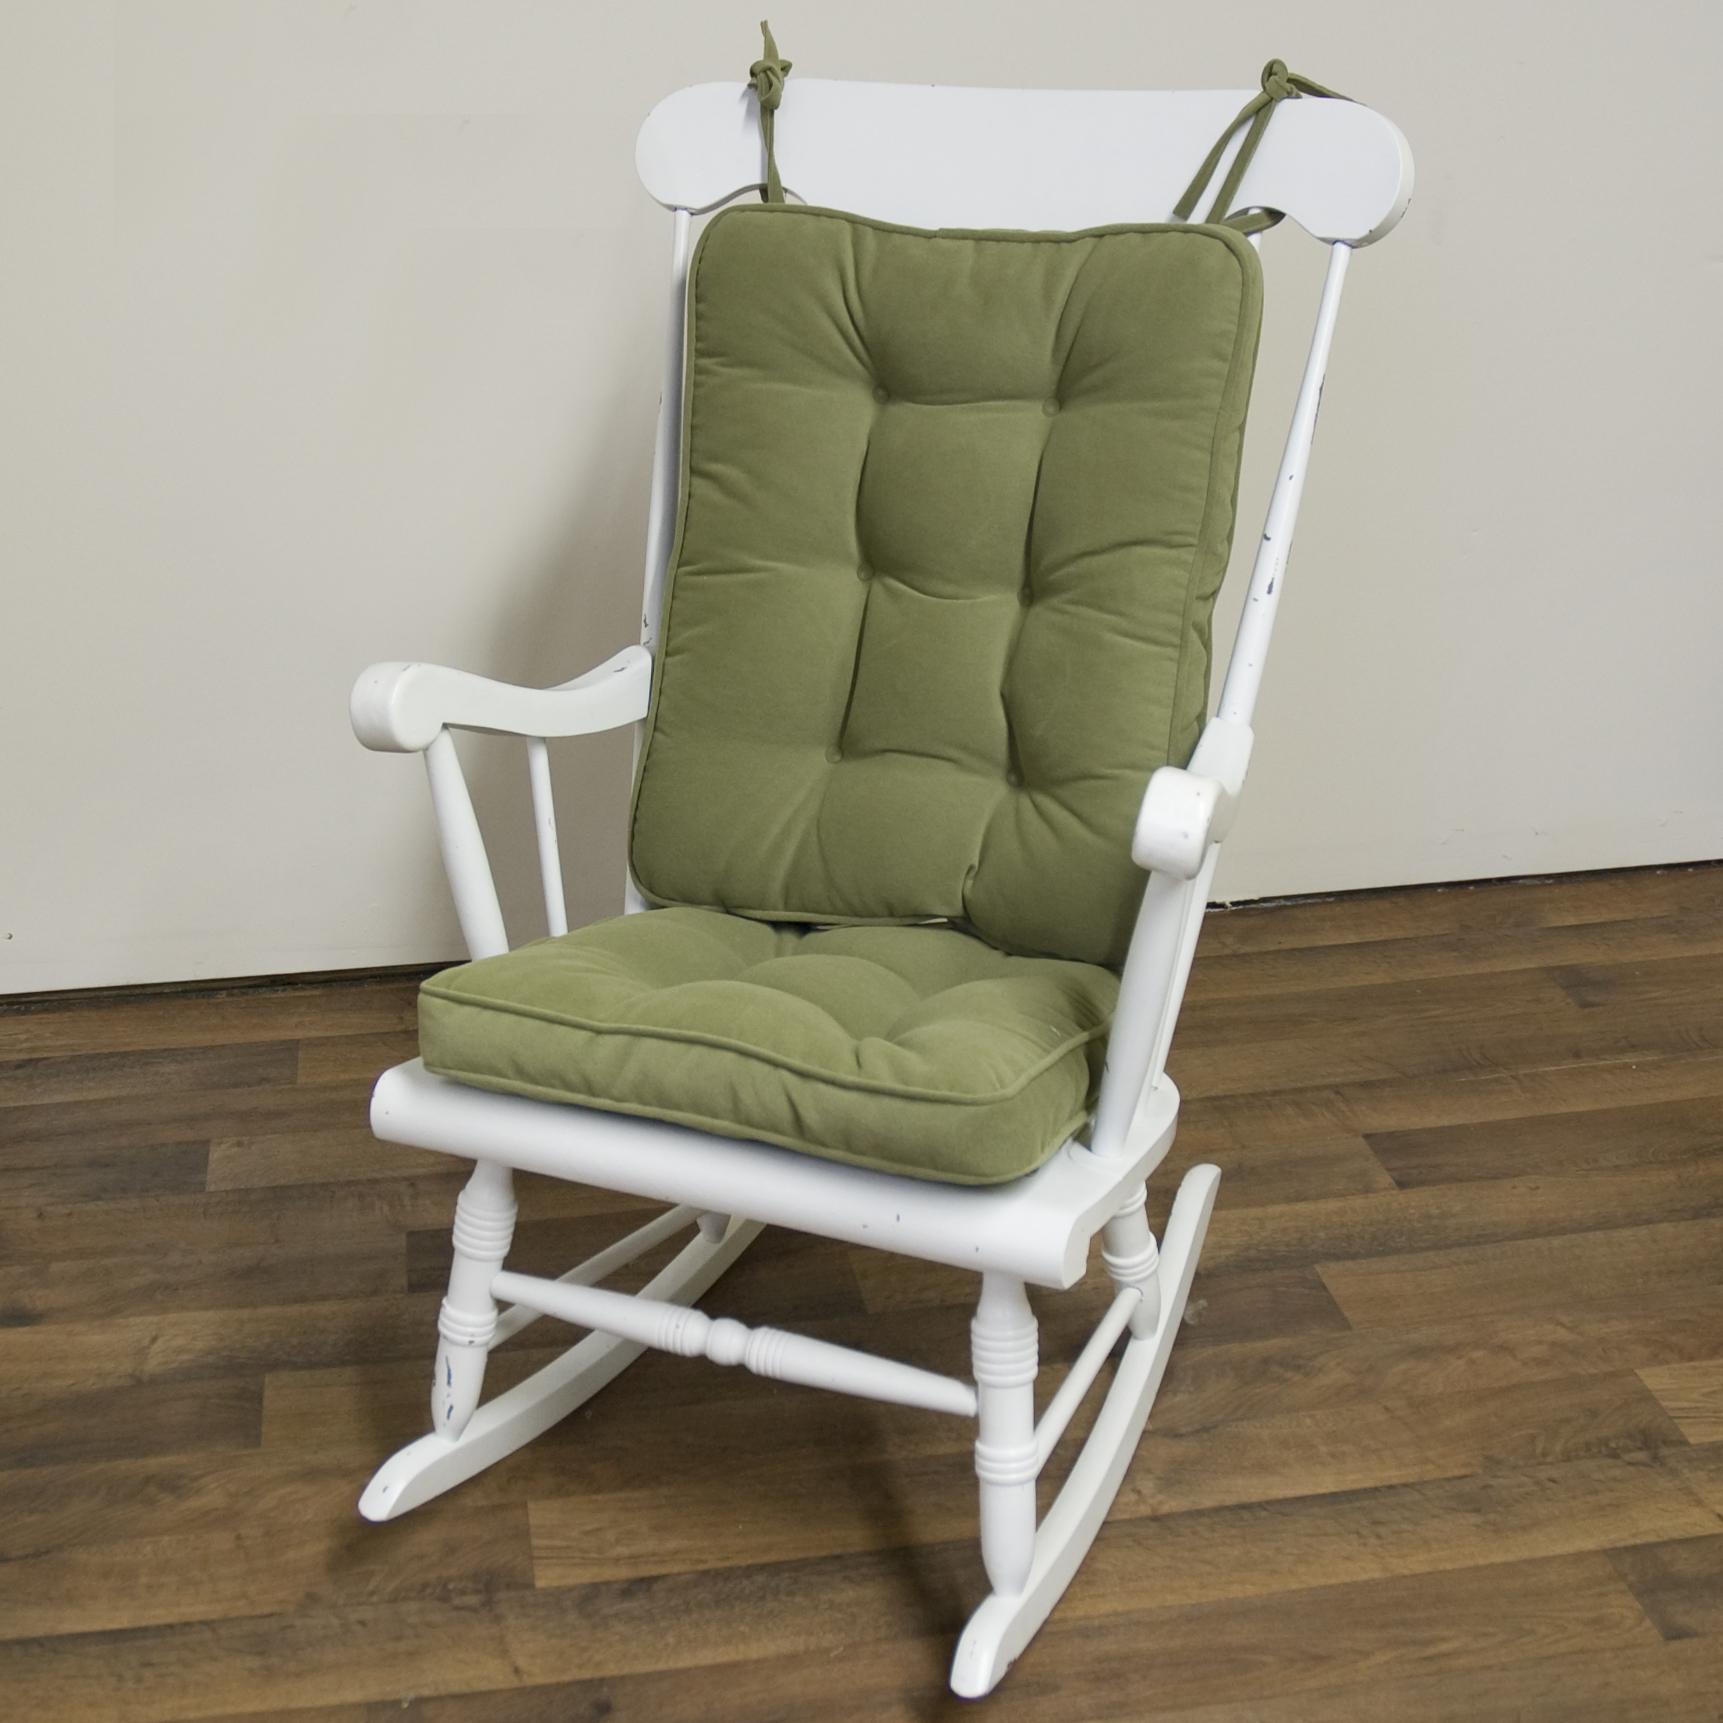 CHAIR CUSHION FABRIC  Chair Pads  Cushions